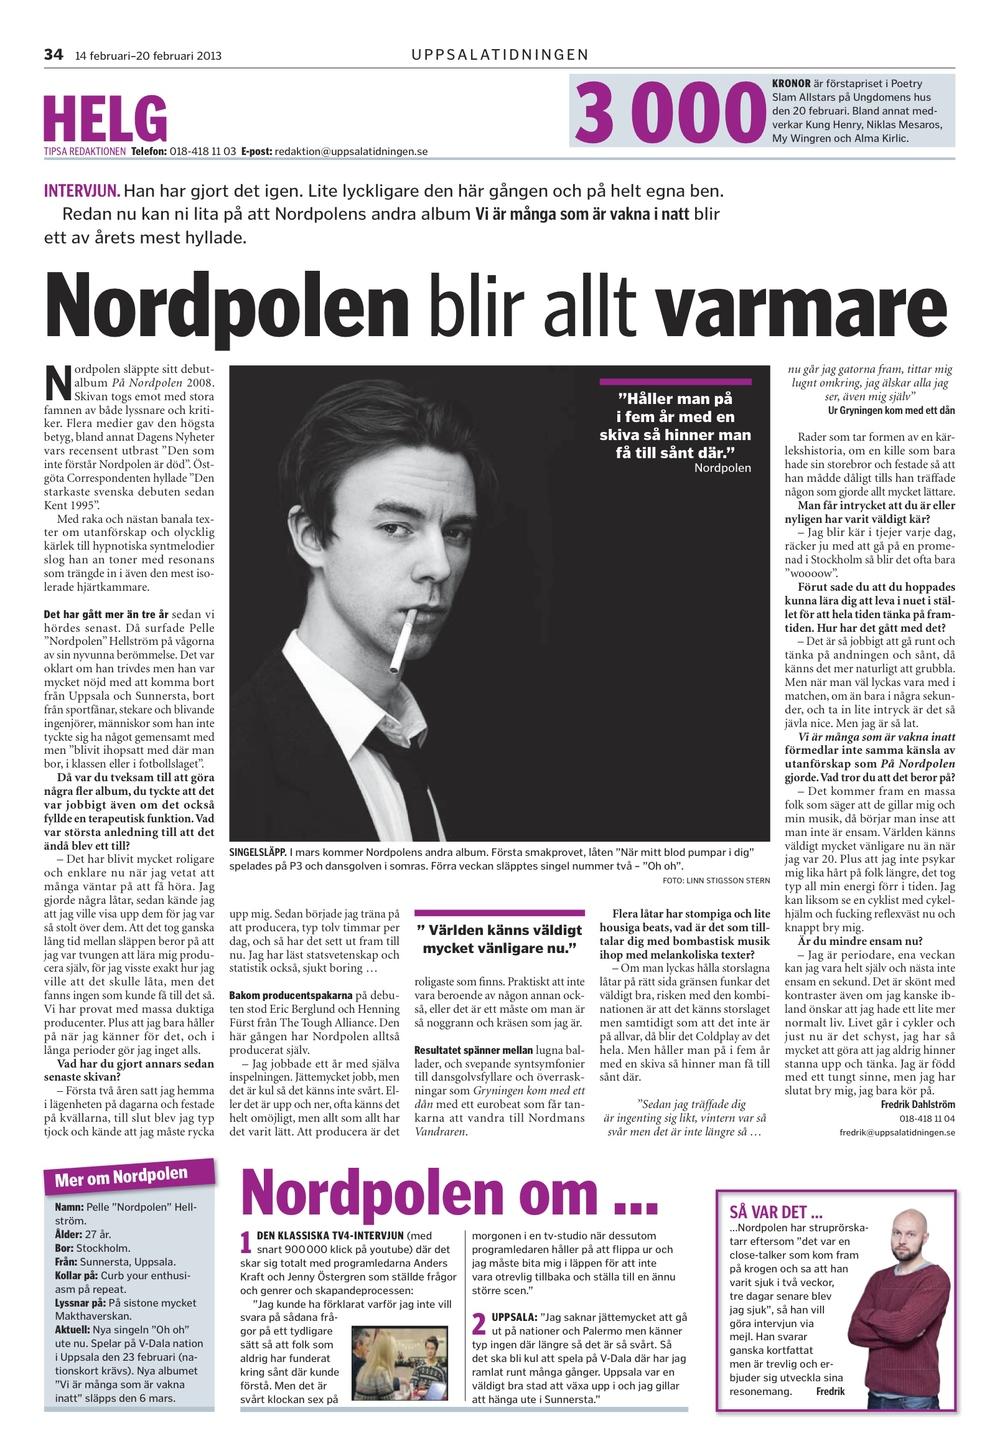 nordpolen_uppsalatidningen.jpg